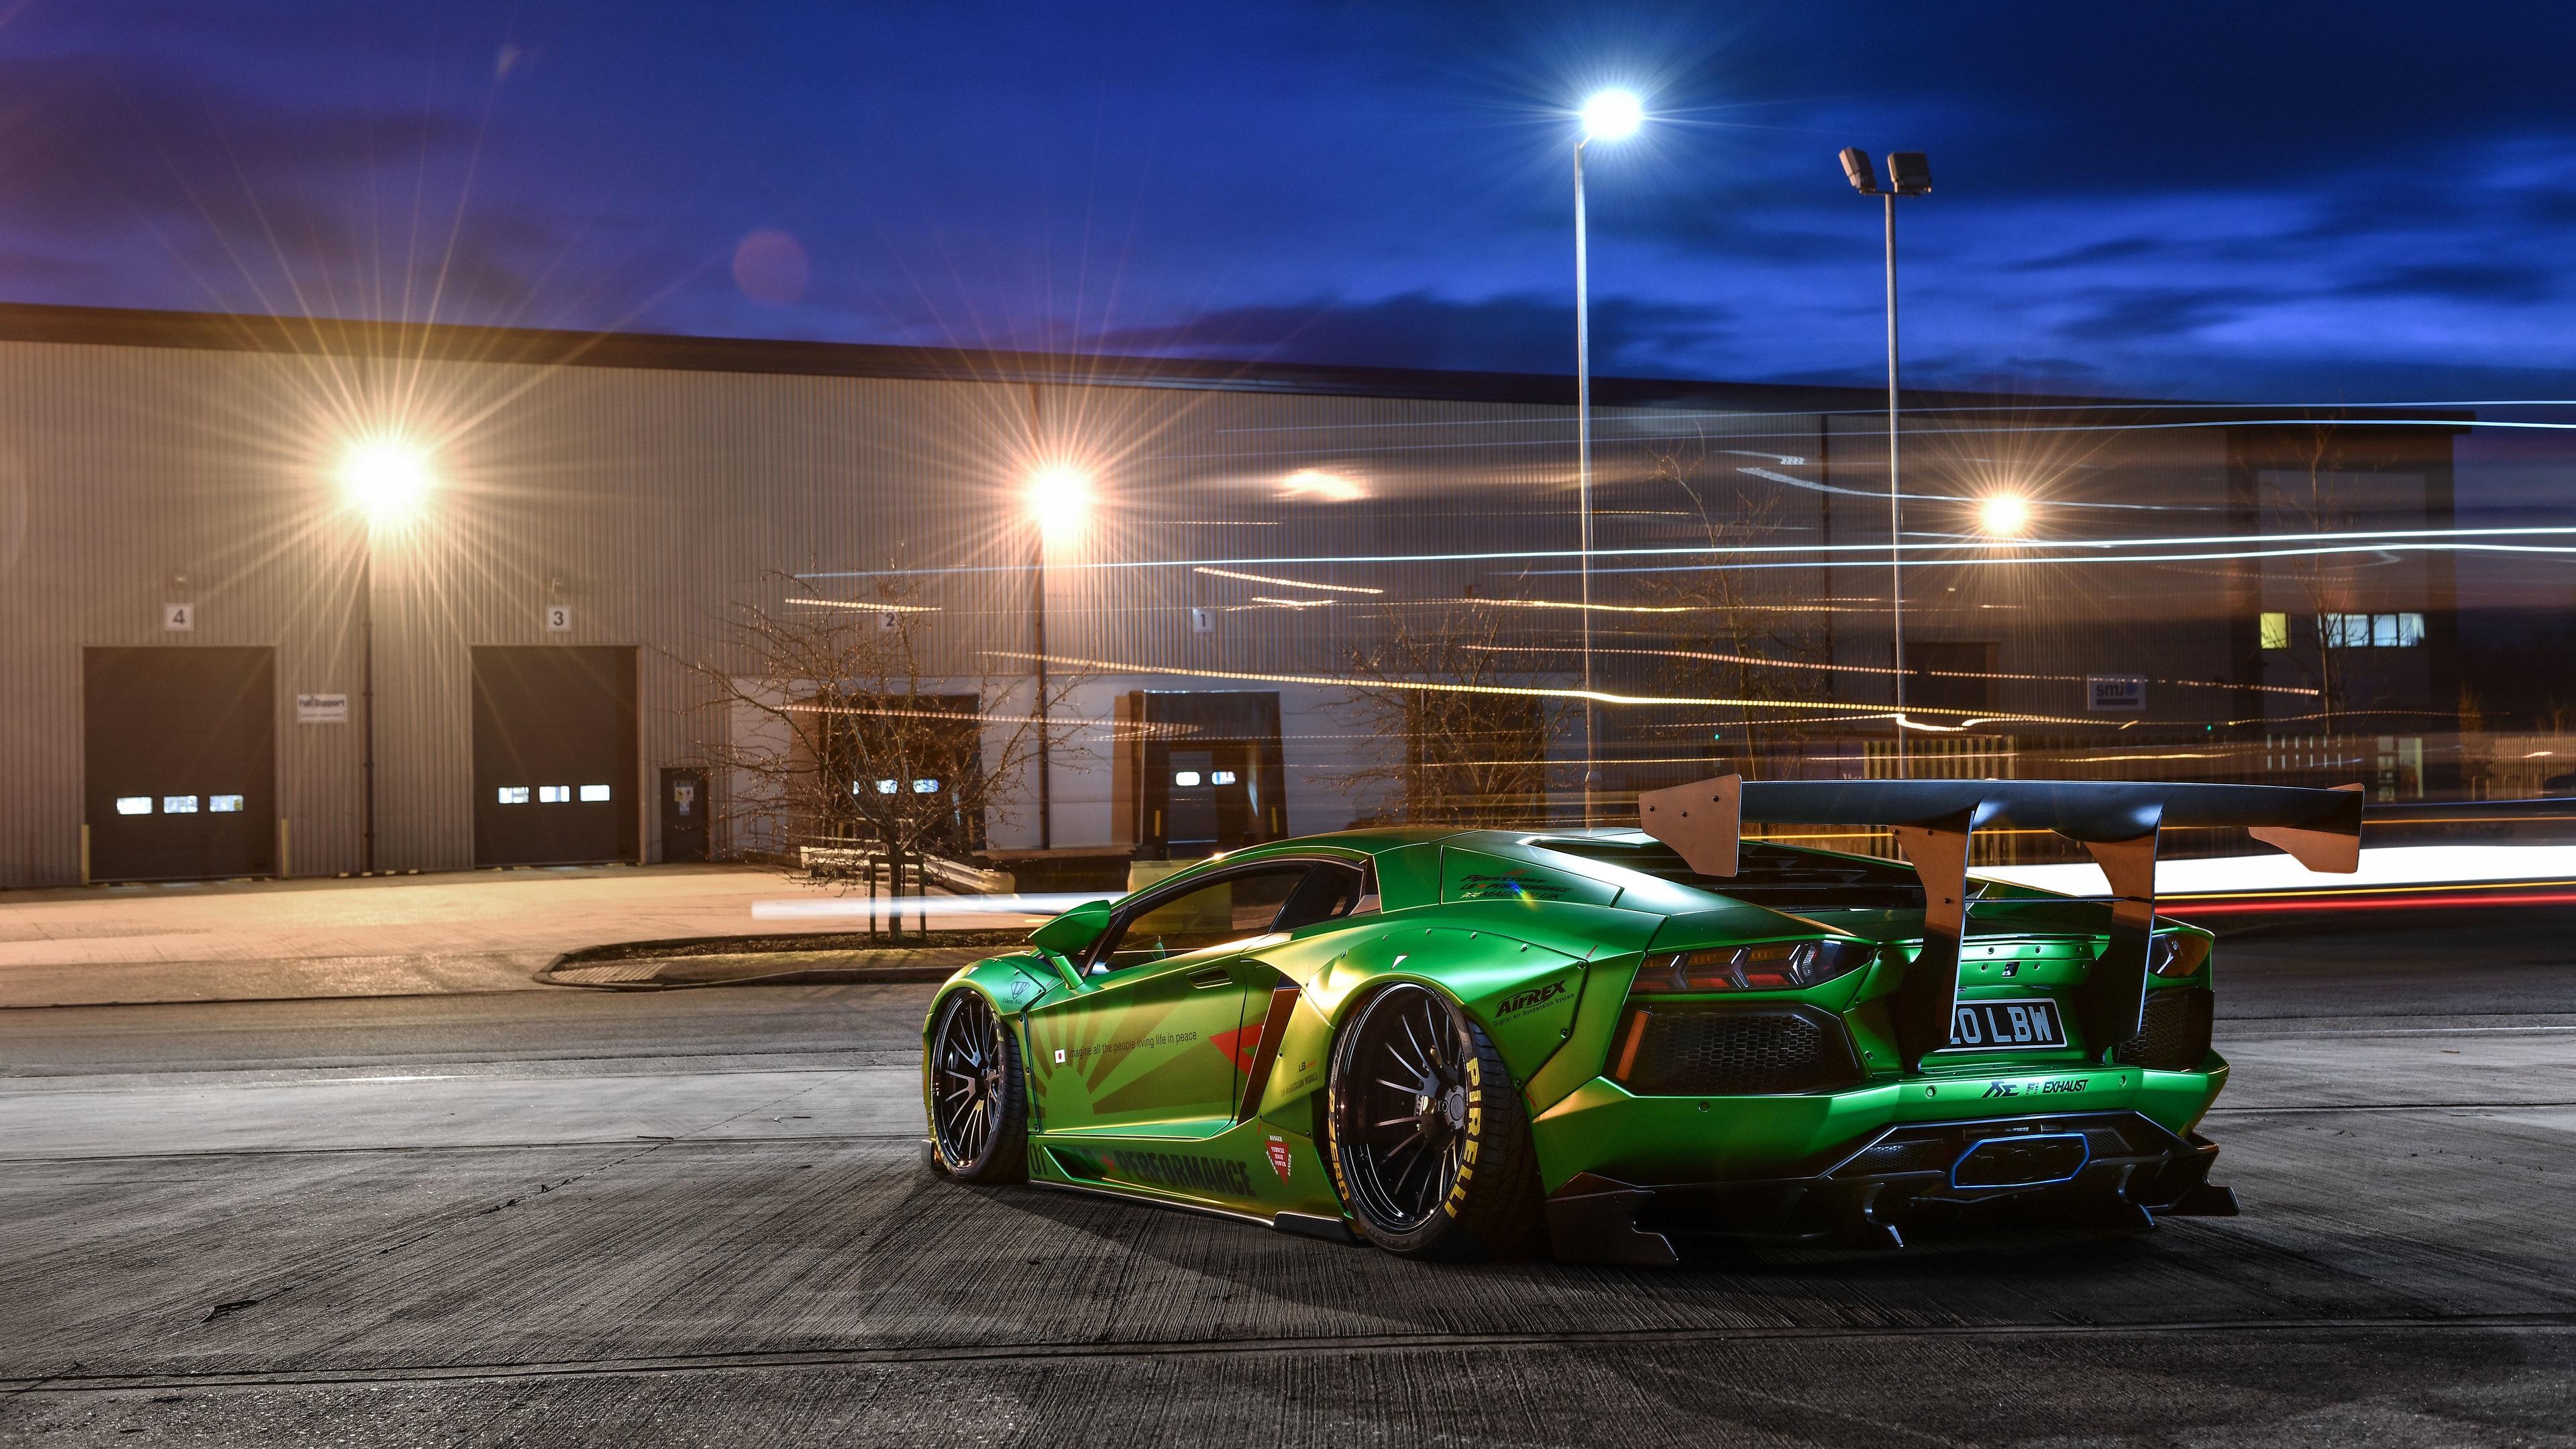 Lamborghini Aventador LP700 4k Rear lamborghini wallpapers ...